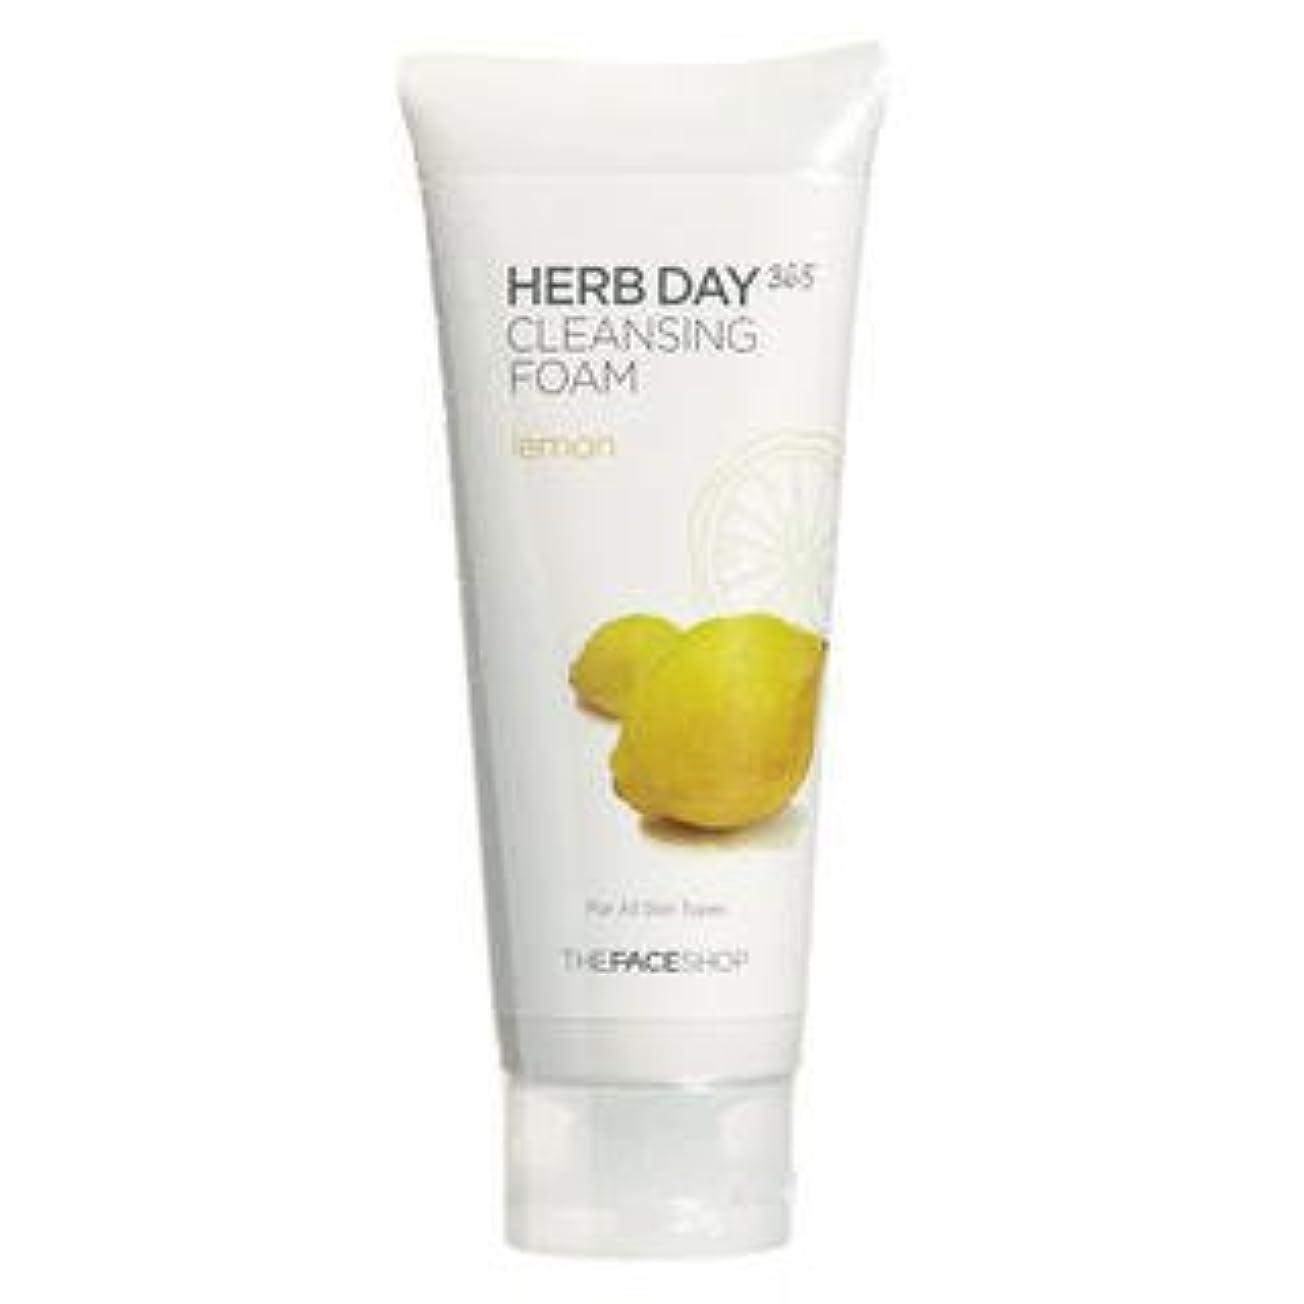 徹底的に世代スクラブThe Face Shop - Herb Day Cleansing Cleansing Foam (Lemon)170ml /Made in Korea